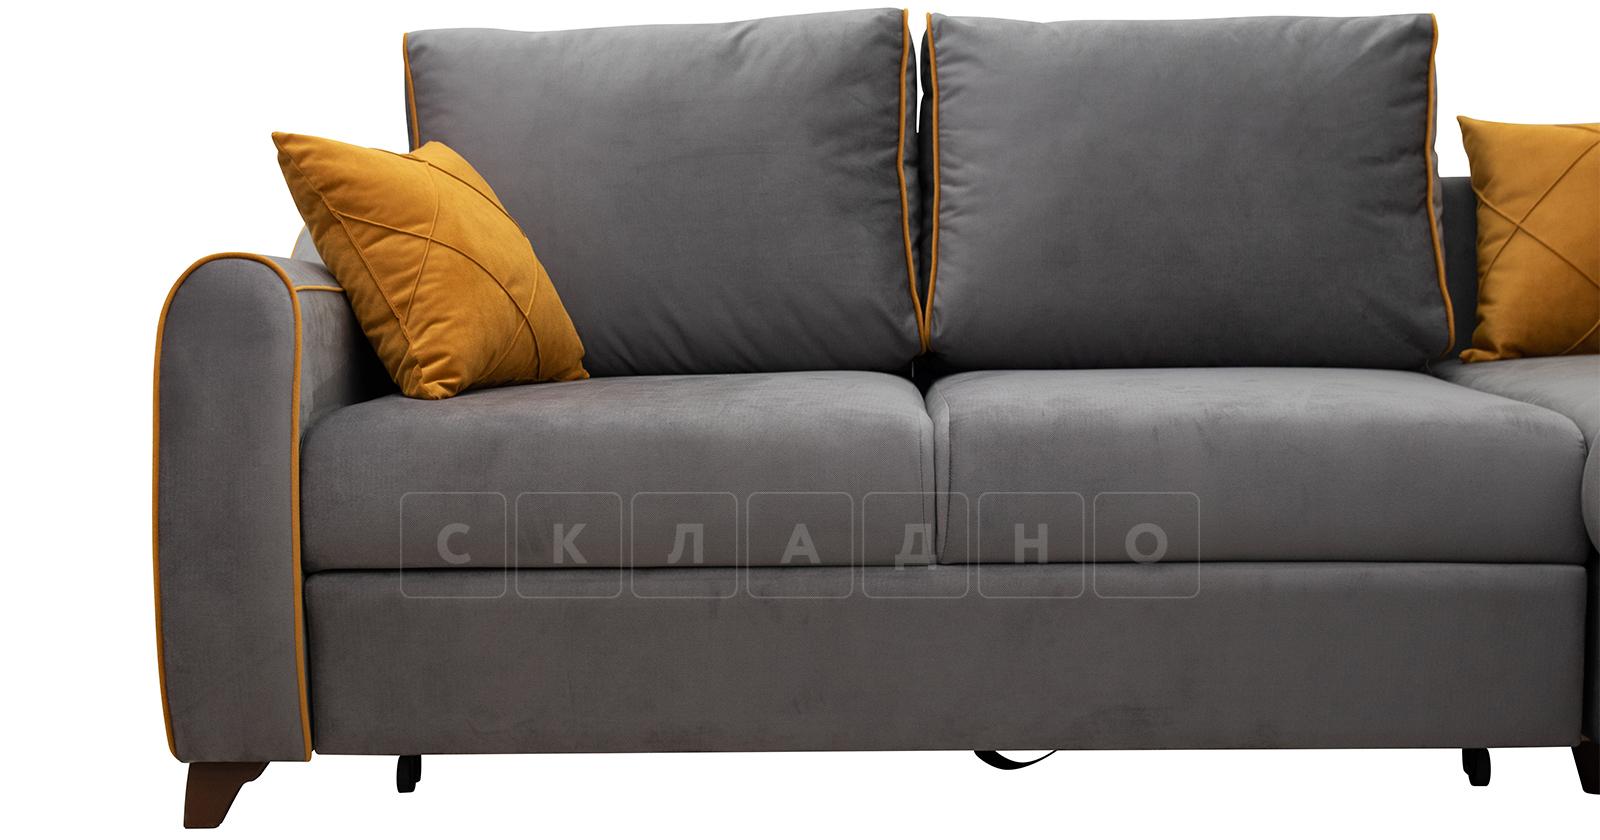 Диван-кровать угловой Флэтфорд кварцевый серый фото 9   интернет-магазин Складно